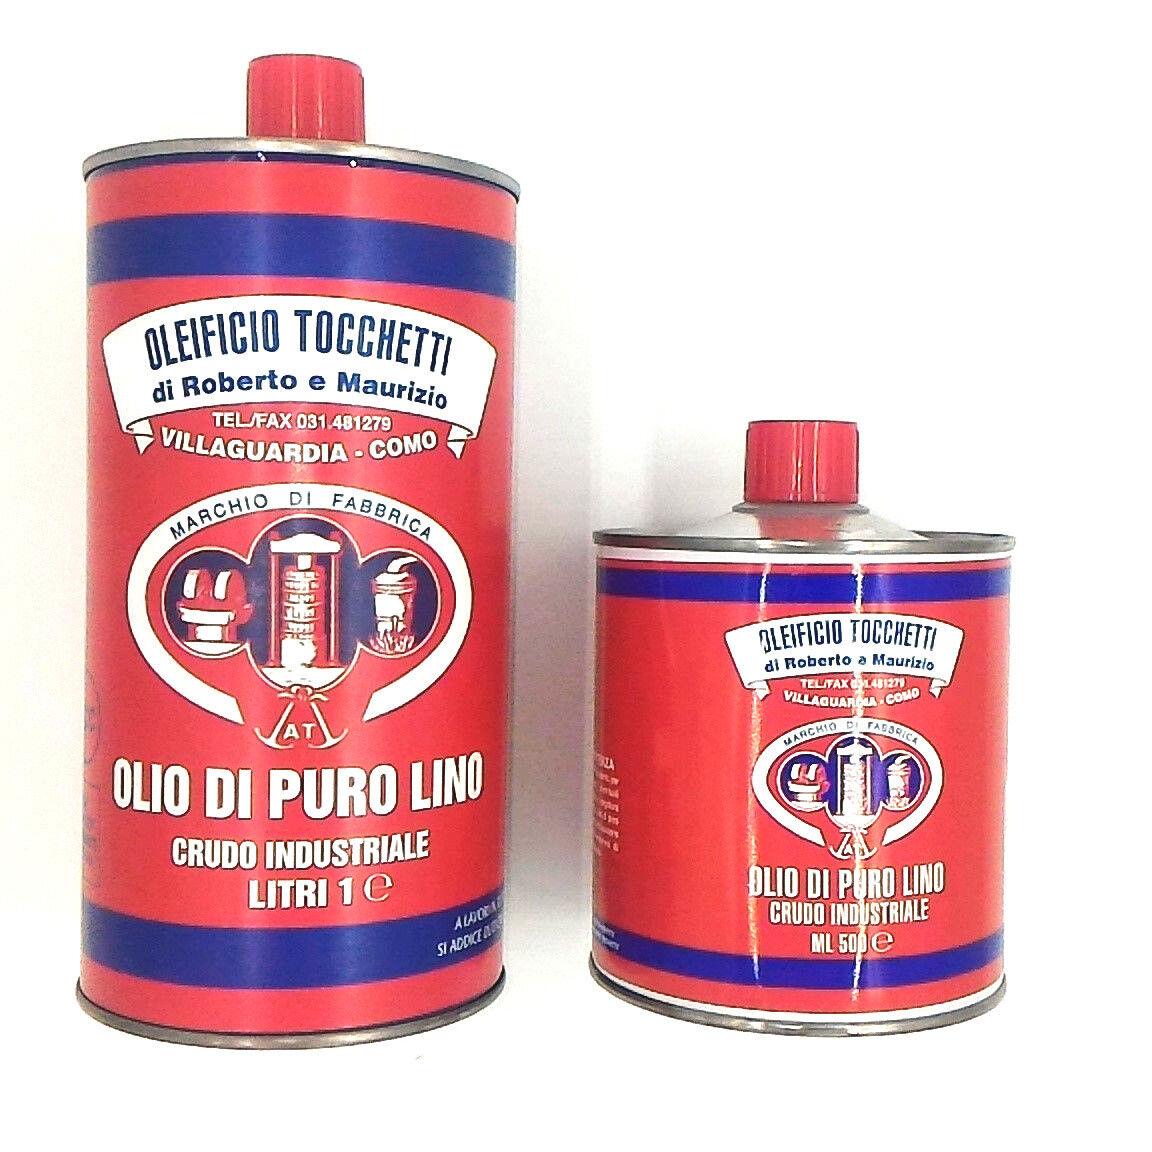 olio di lino crudo puro oleificio tocchetti